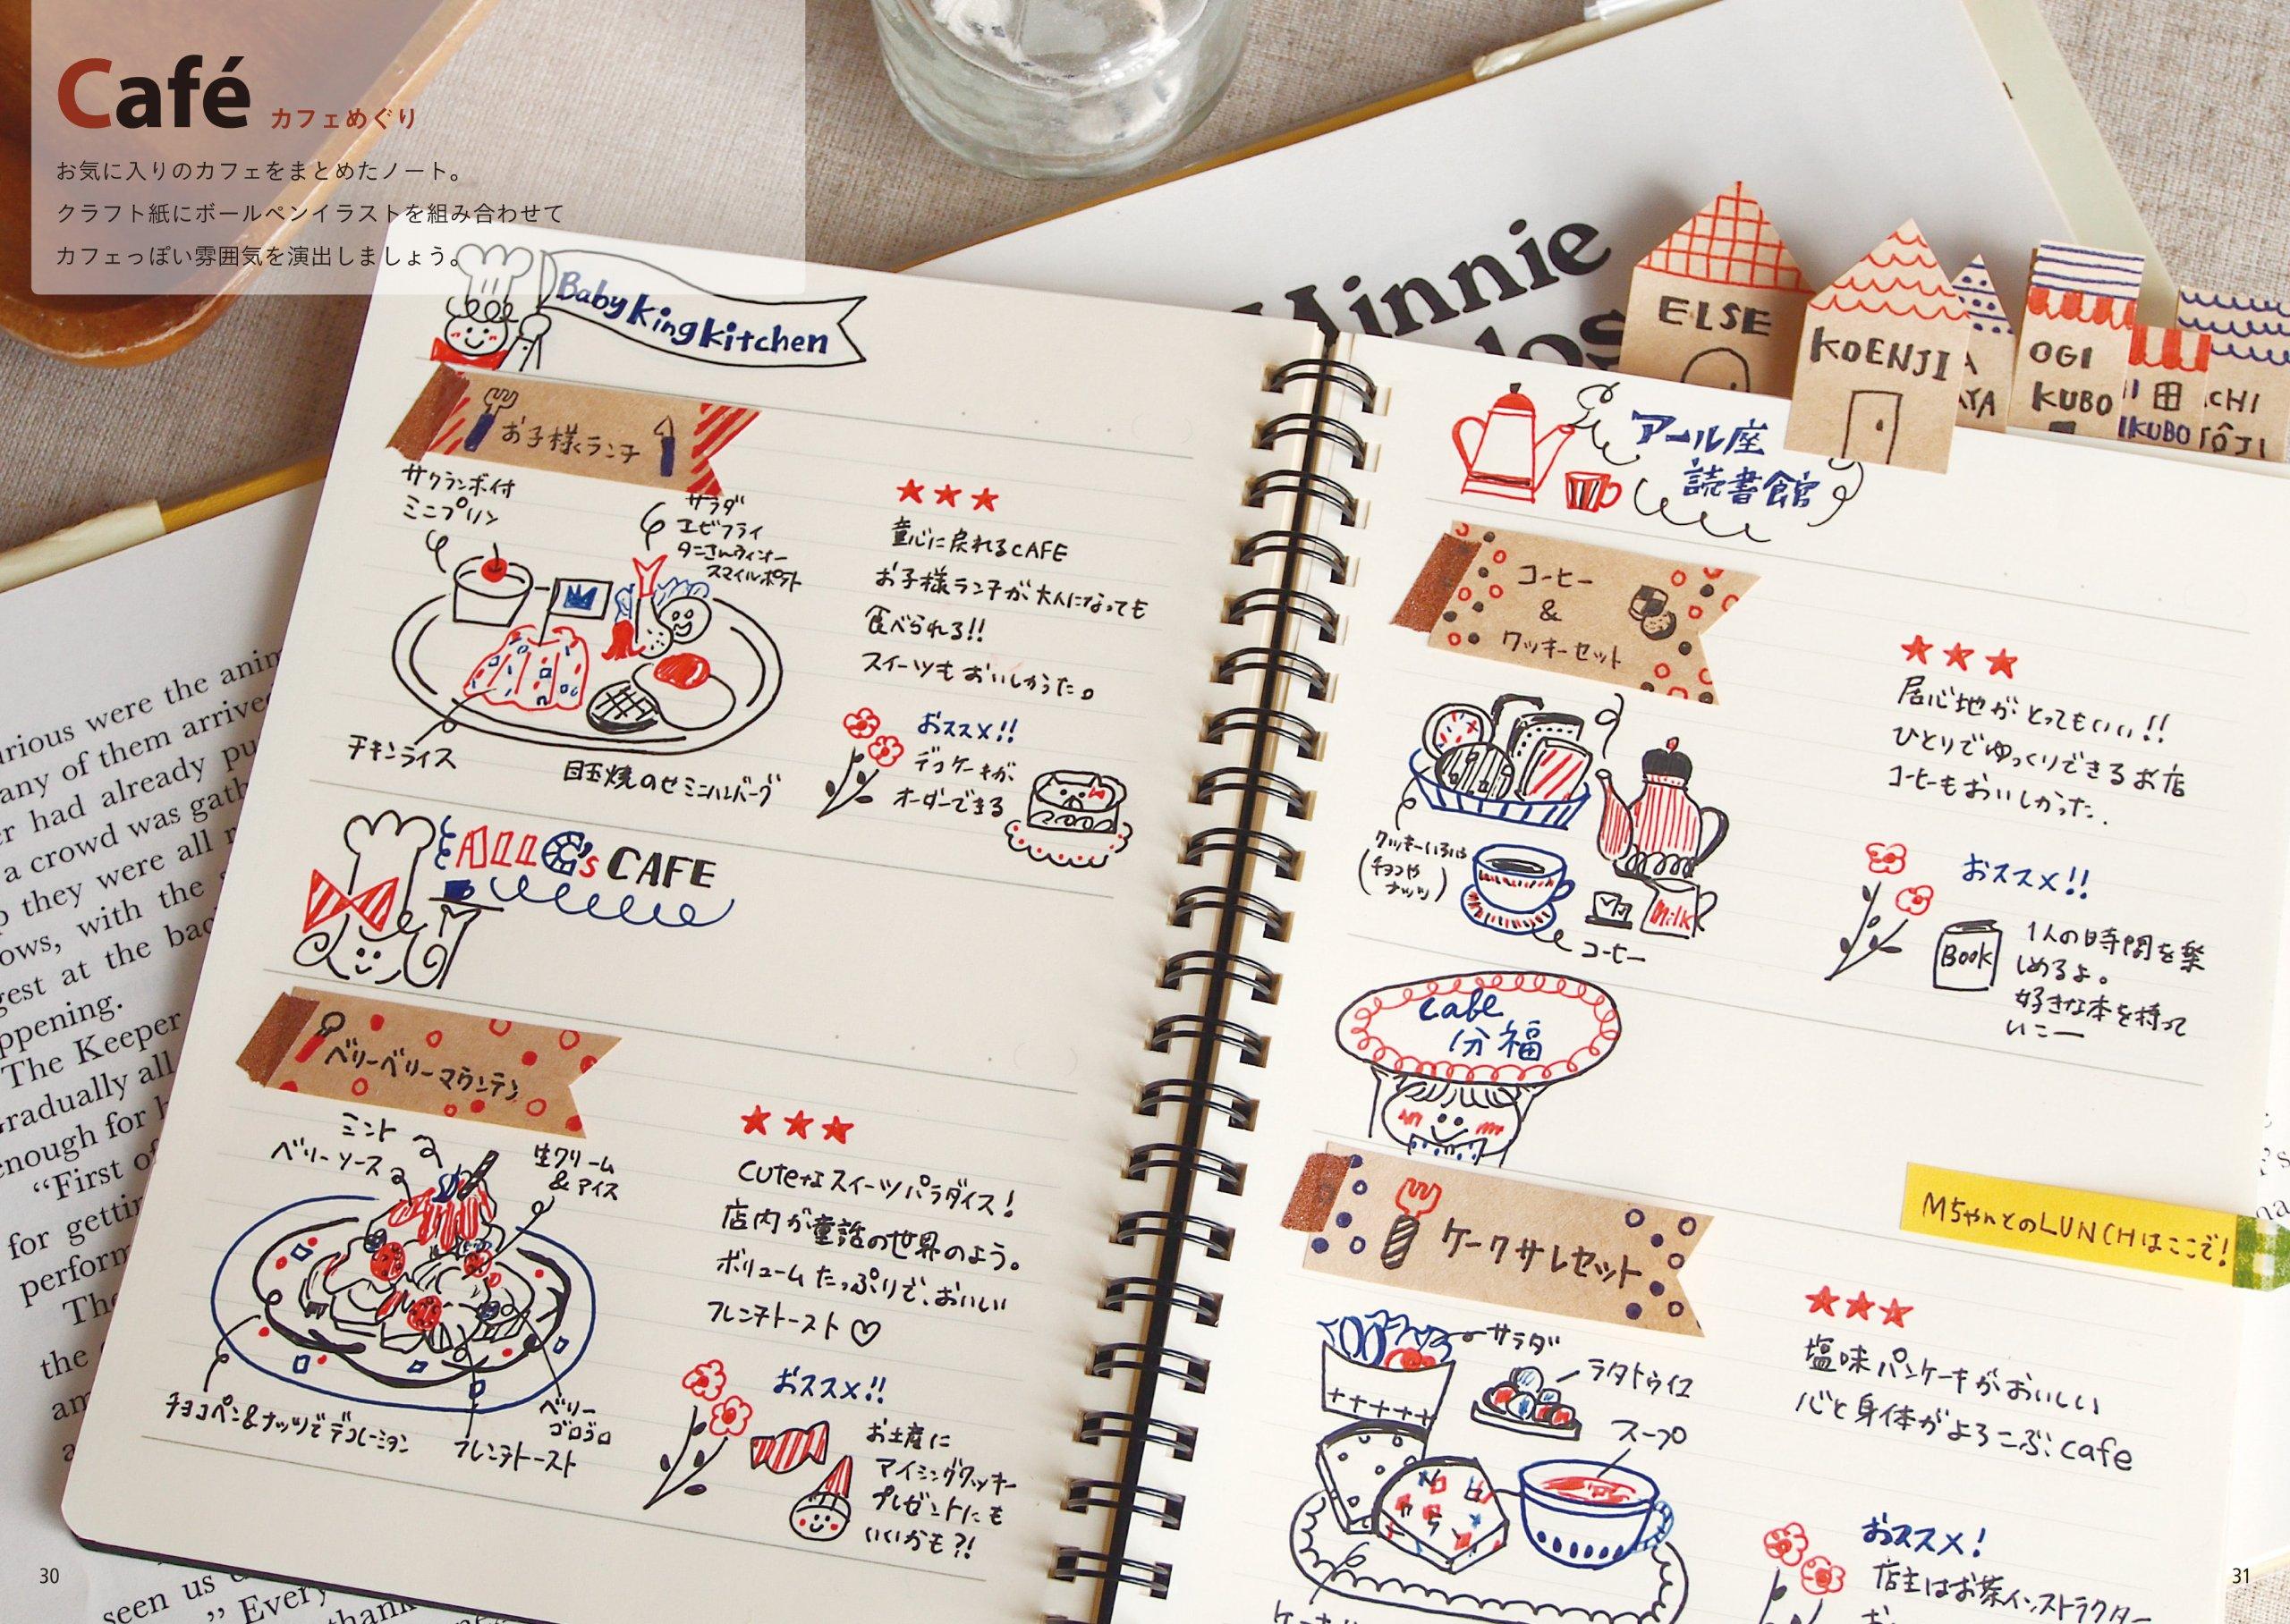 スケジュールやメモを楽しく可愛く彩る 3色ボールペンで描く乙女の手帳